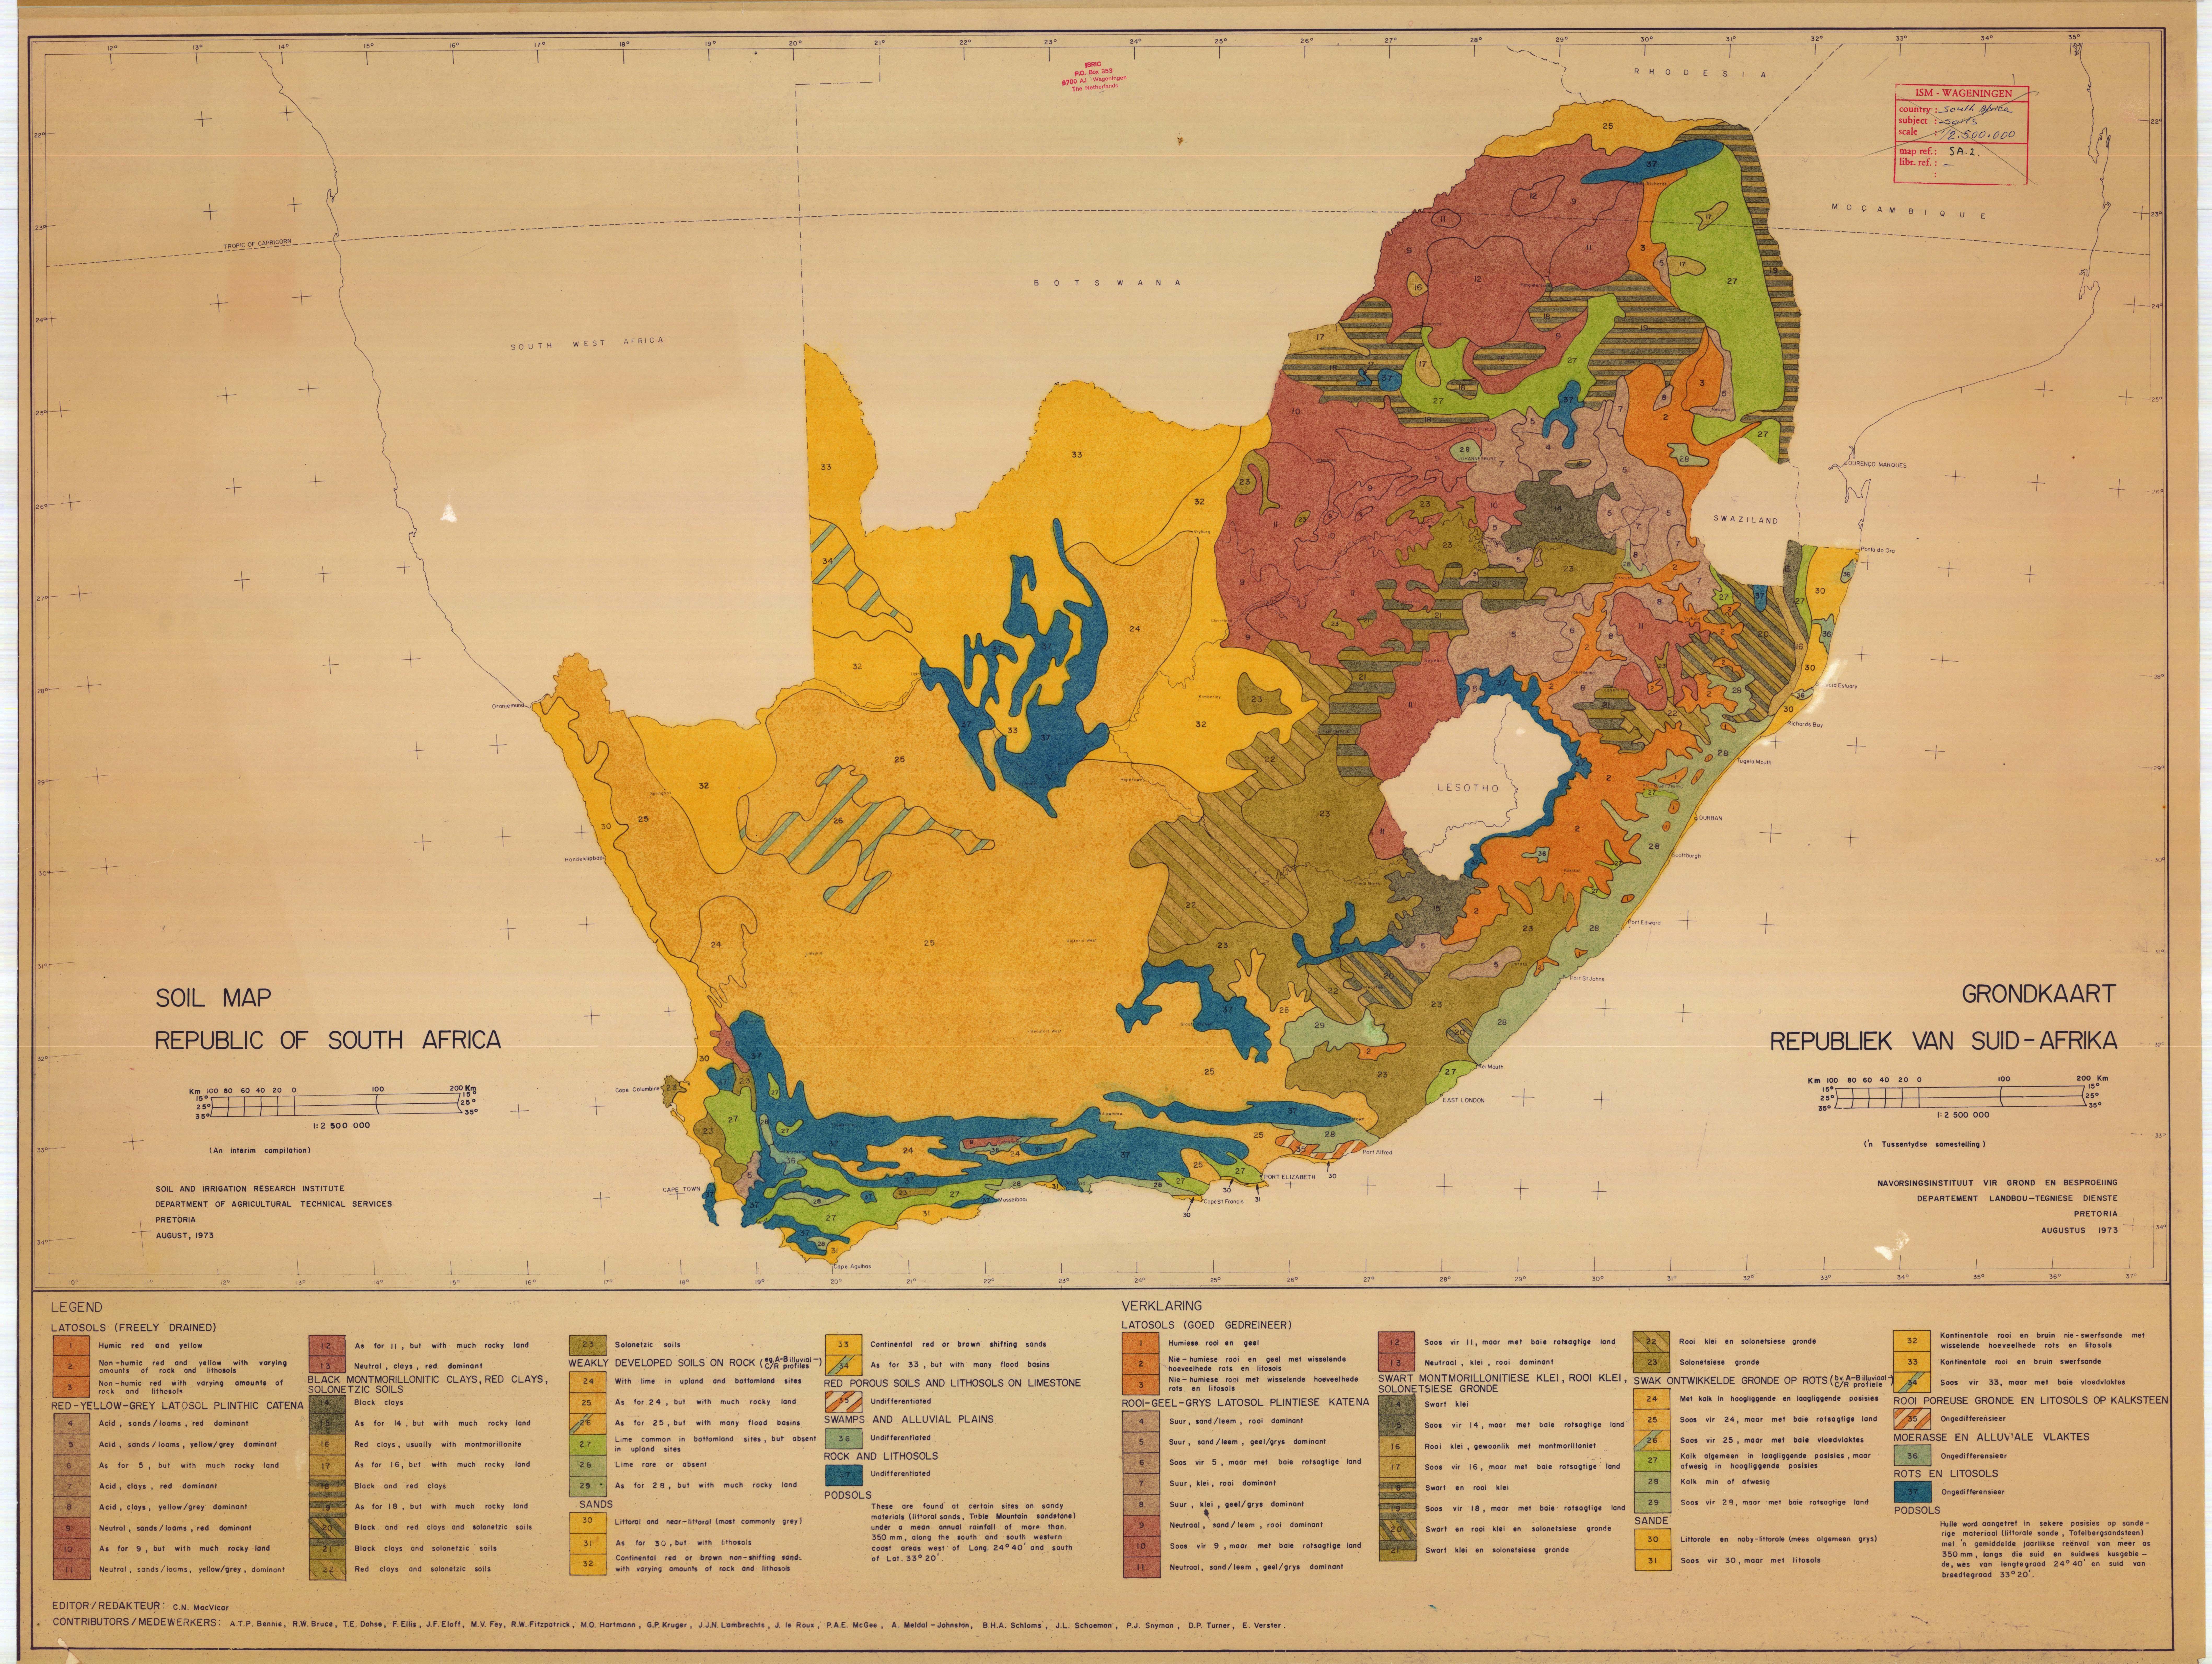 grondkaart  republiek van suid